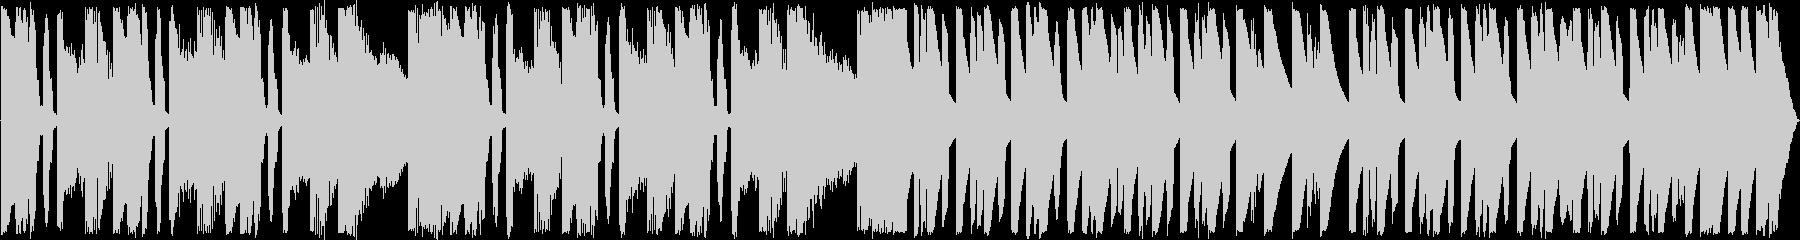 まぬけ・ギャグな雰囲気のダサいBGMの未再生の波形